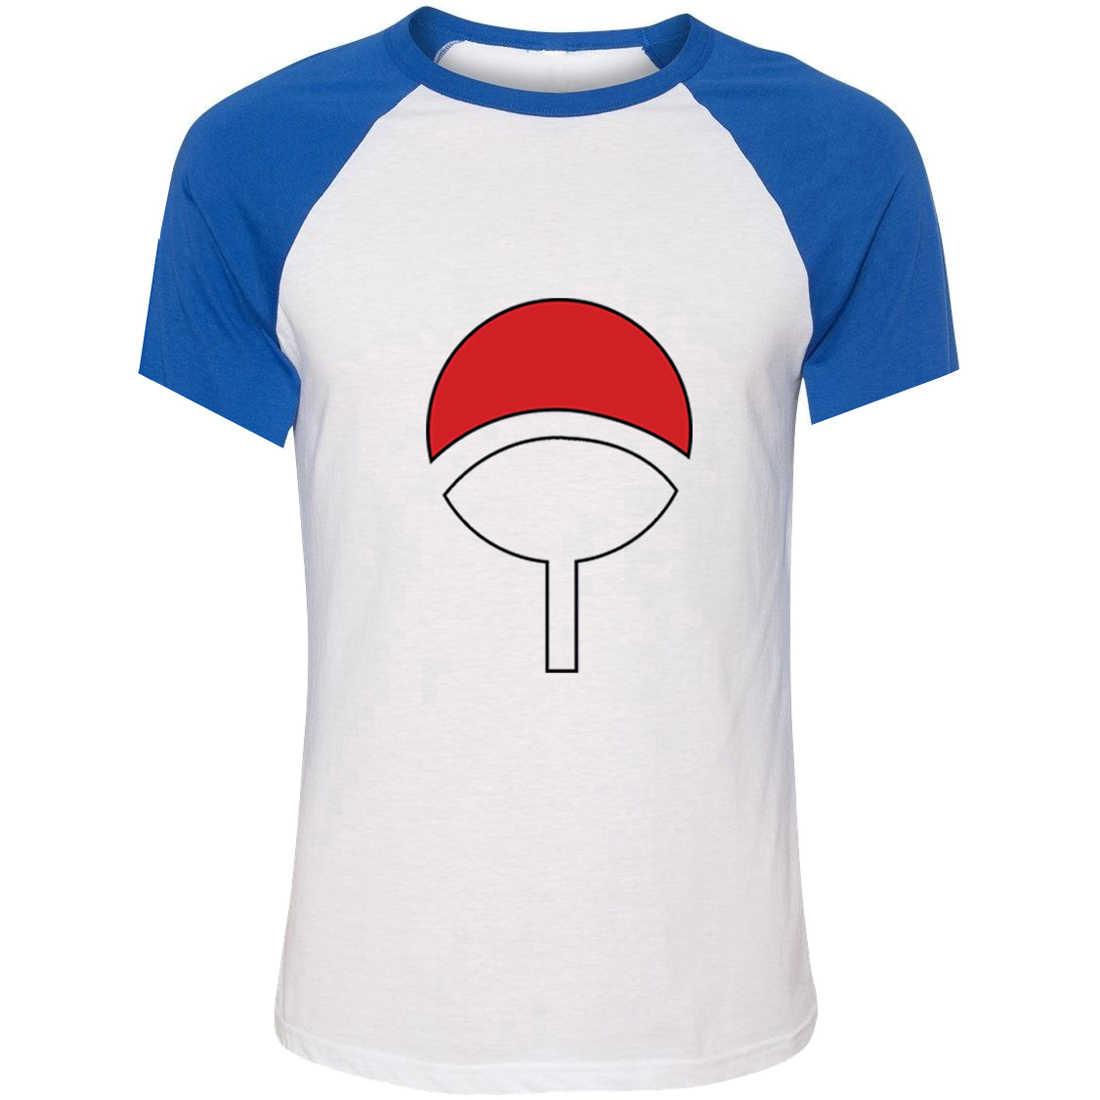 IDzn Unisex Estate T-Shirt NARUTO SHIPPUDEN Villaggio uchiha Simboli Arte Modello Raglan Manica Corta Da Uomo T shirt Tee Casual Tops